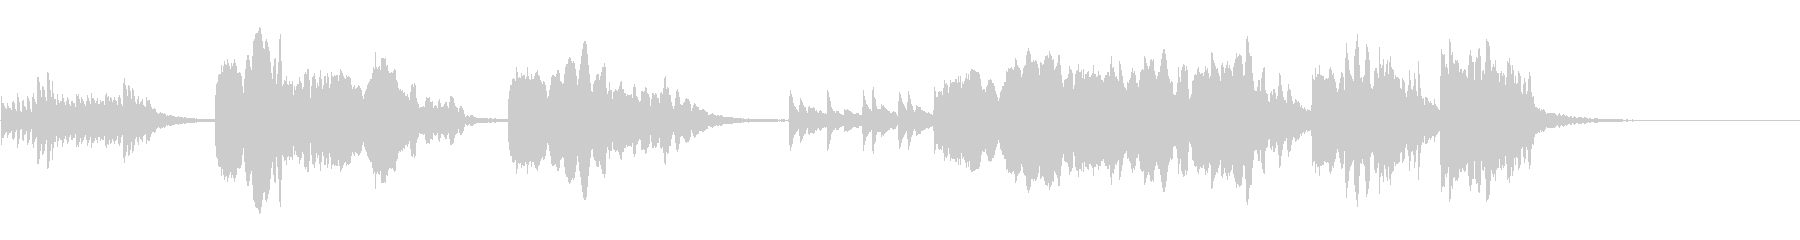 尺八と琴の純和風なイントロの未再生の波形